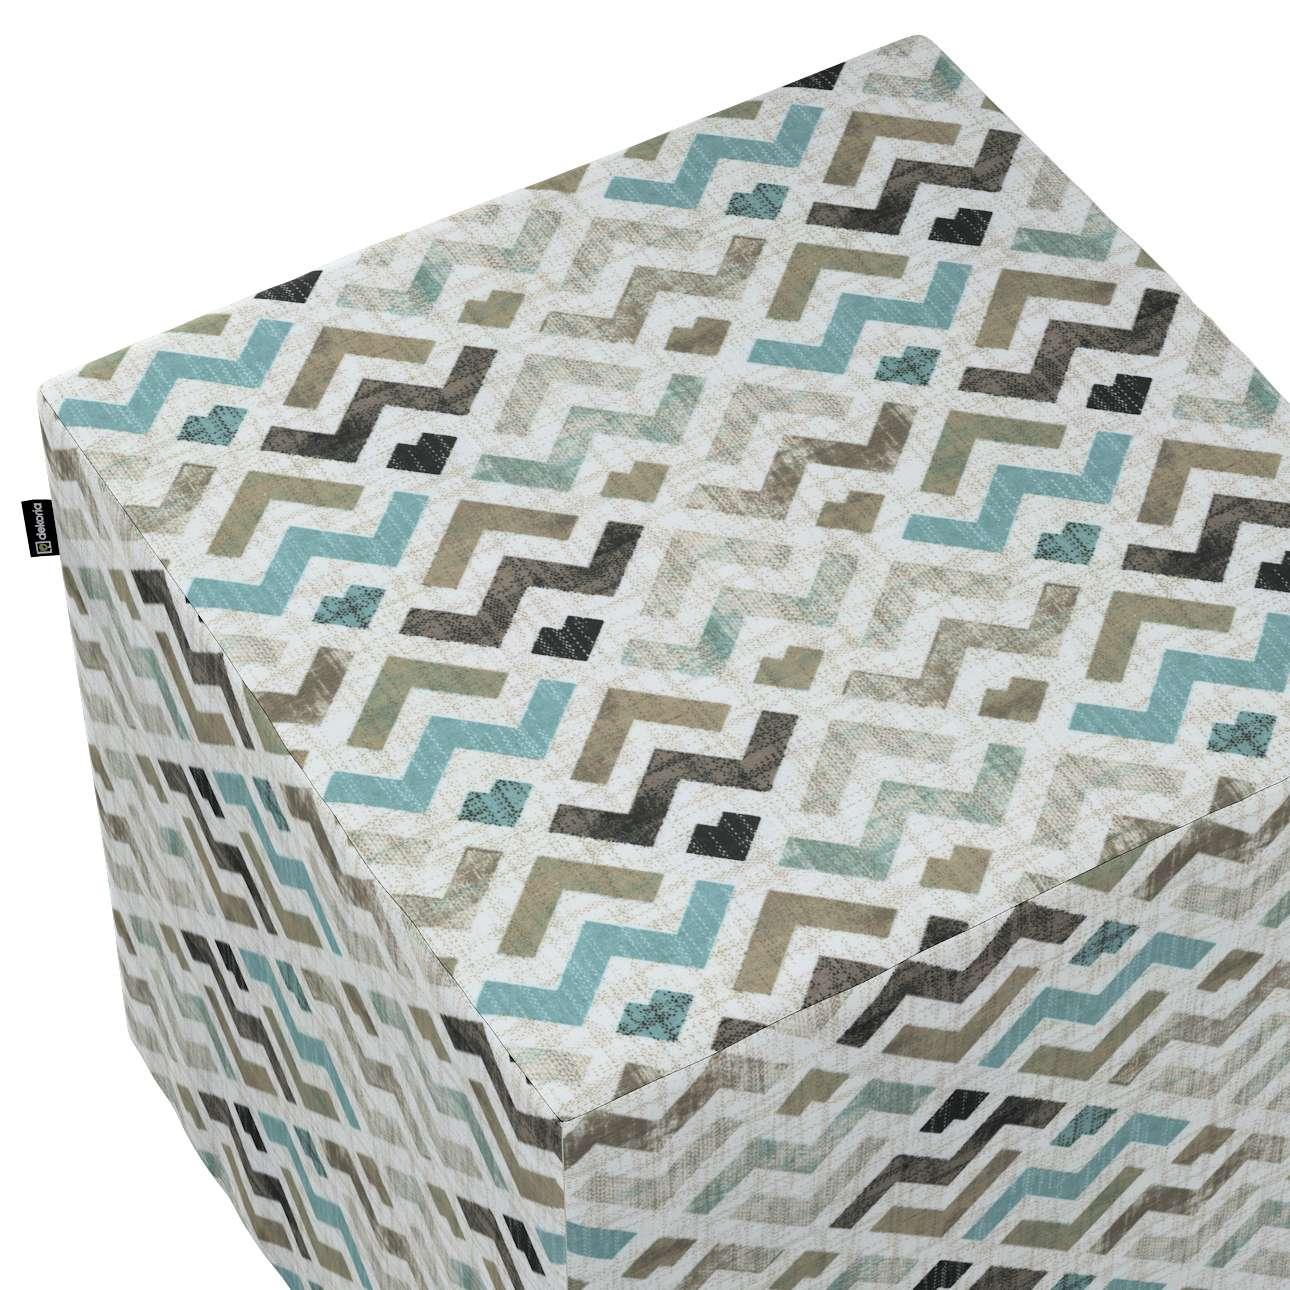 Taburetka tvrdá, kocka V kolekcii Modern, tkanina: 141-93